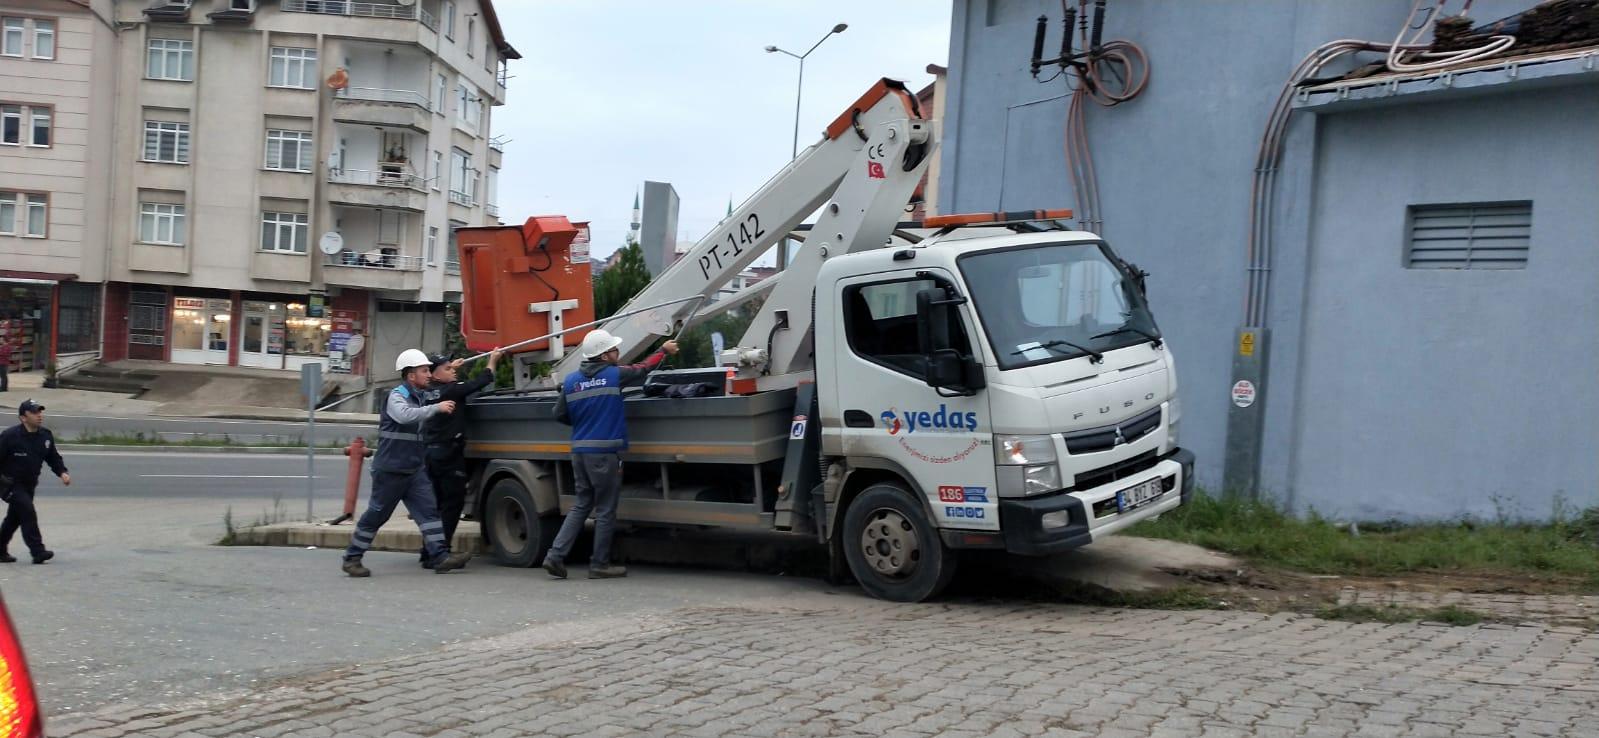 Boyadığı trafoda akıma kapılan işçi ağır yaralandı